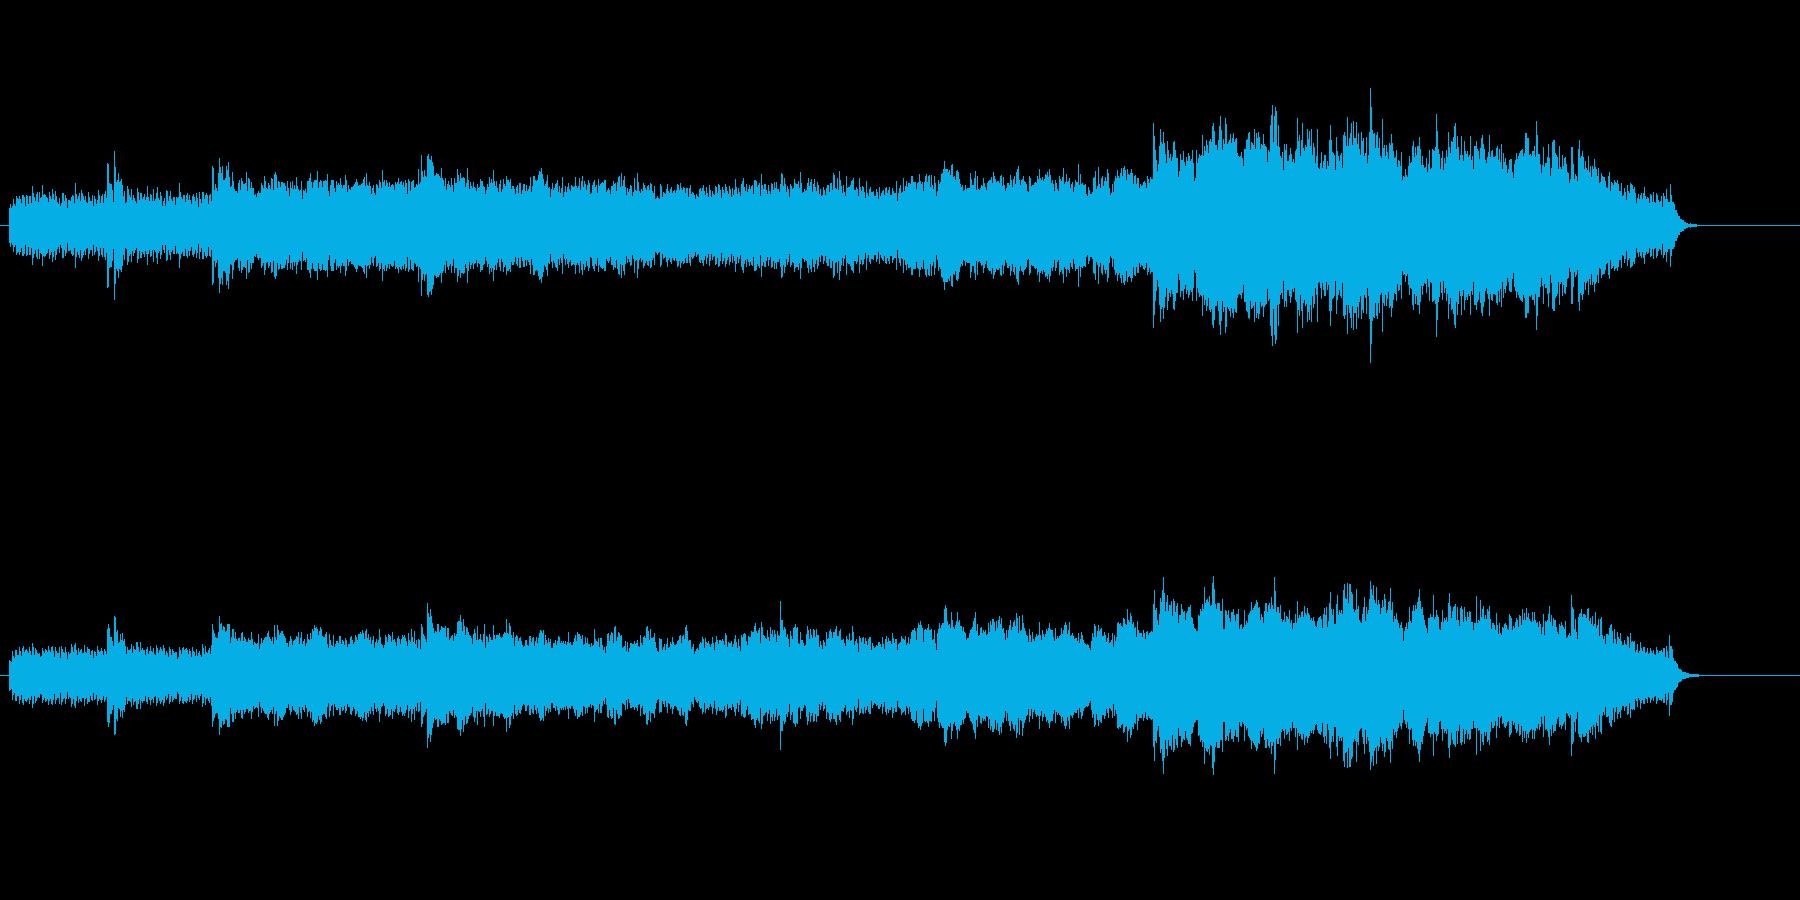 浮遊感を生み出すミュージックの再生済みの波形